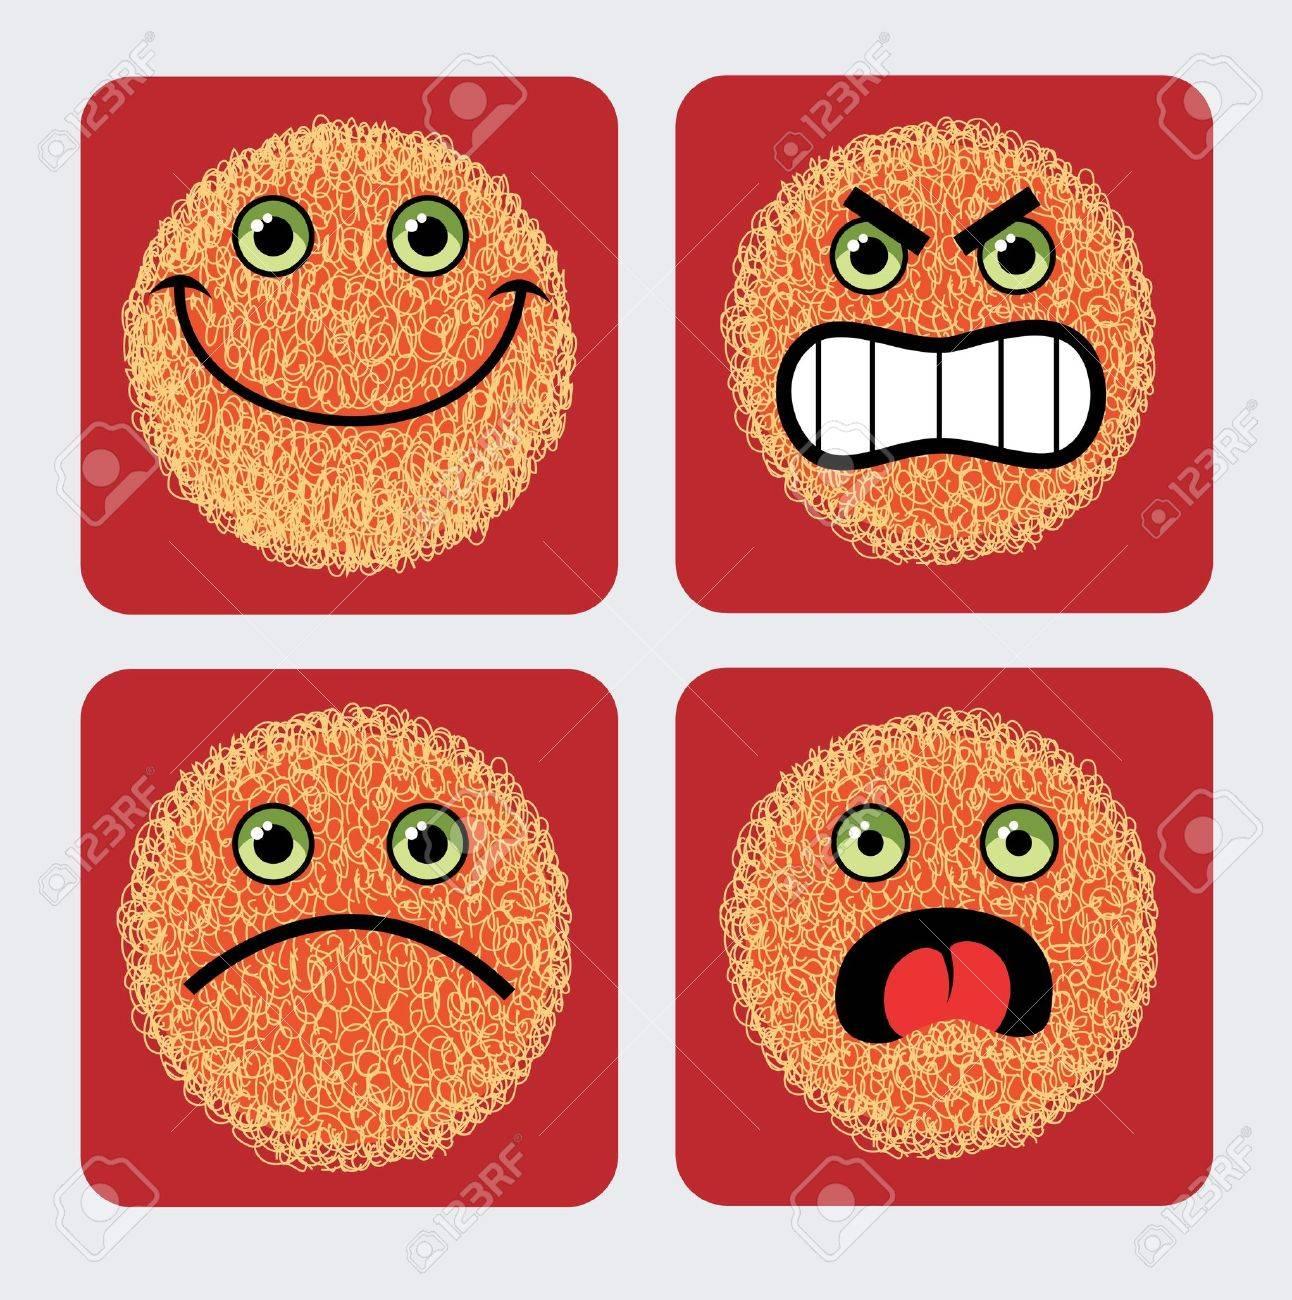 Emoticon icons Stock Vector - 15243523